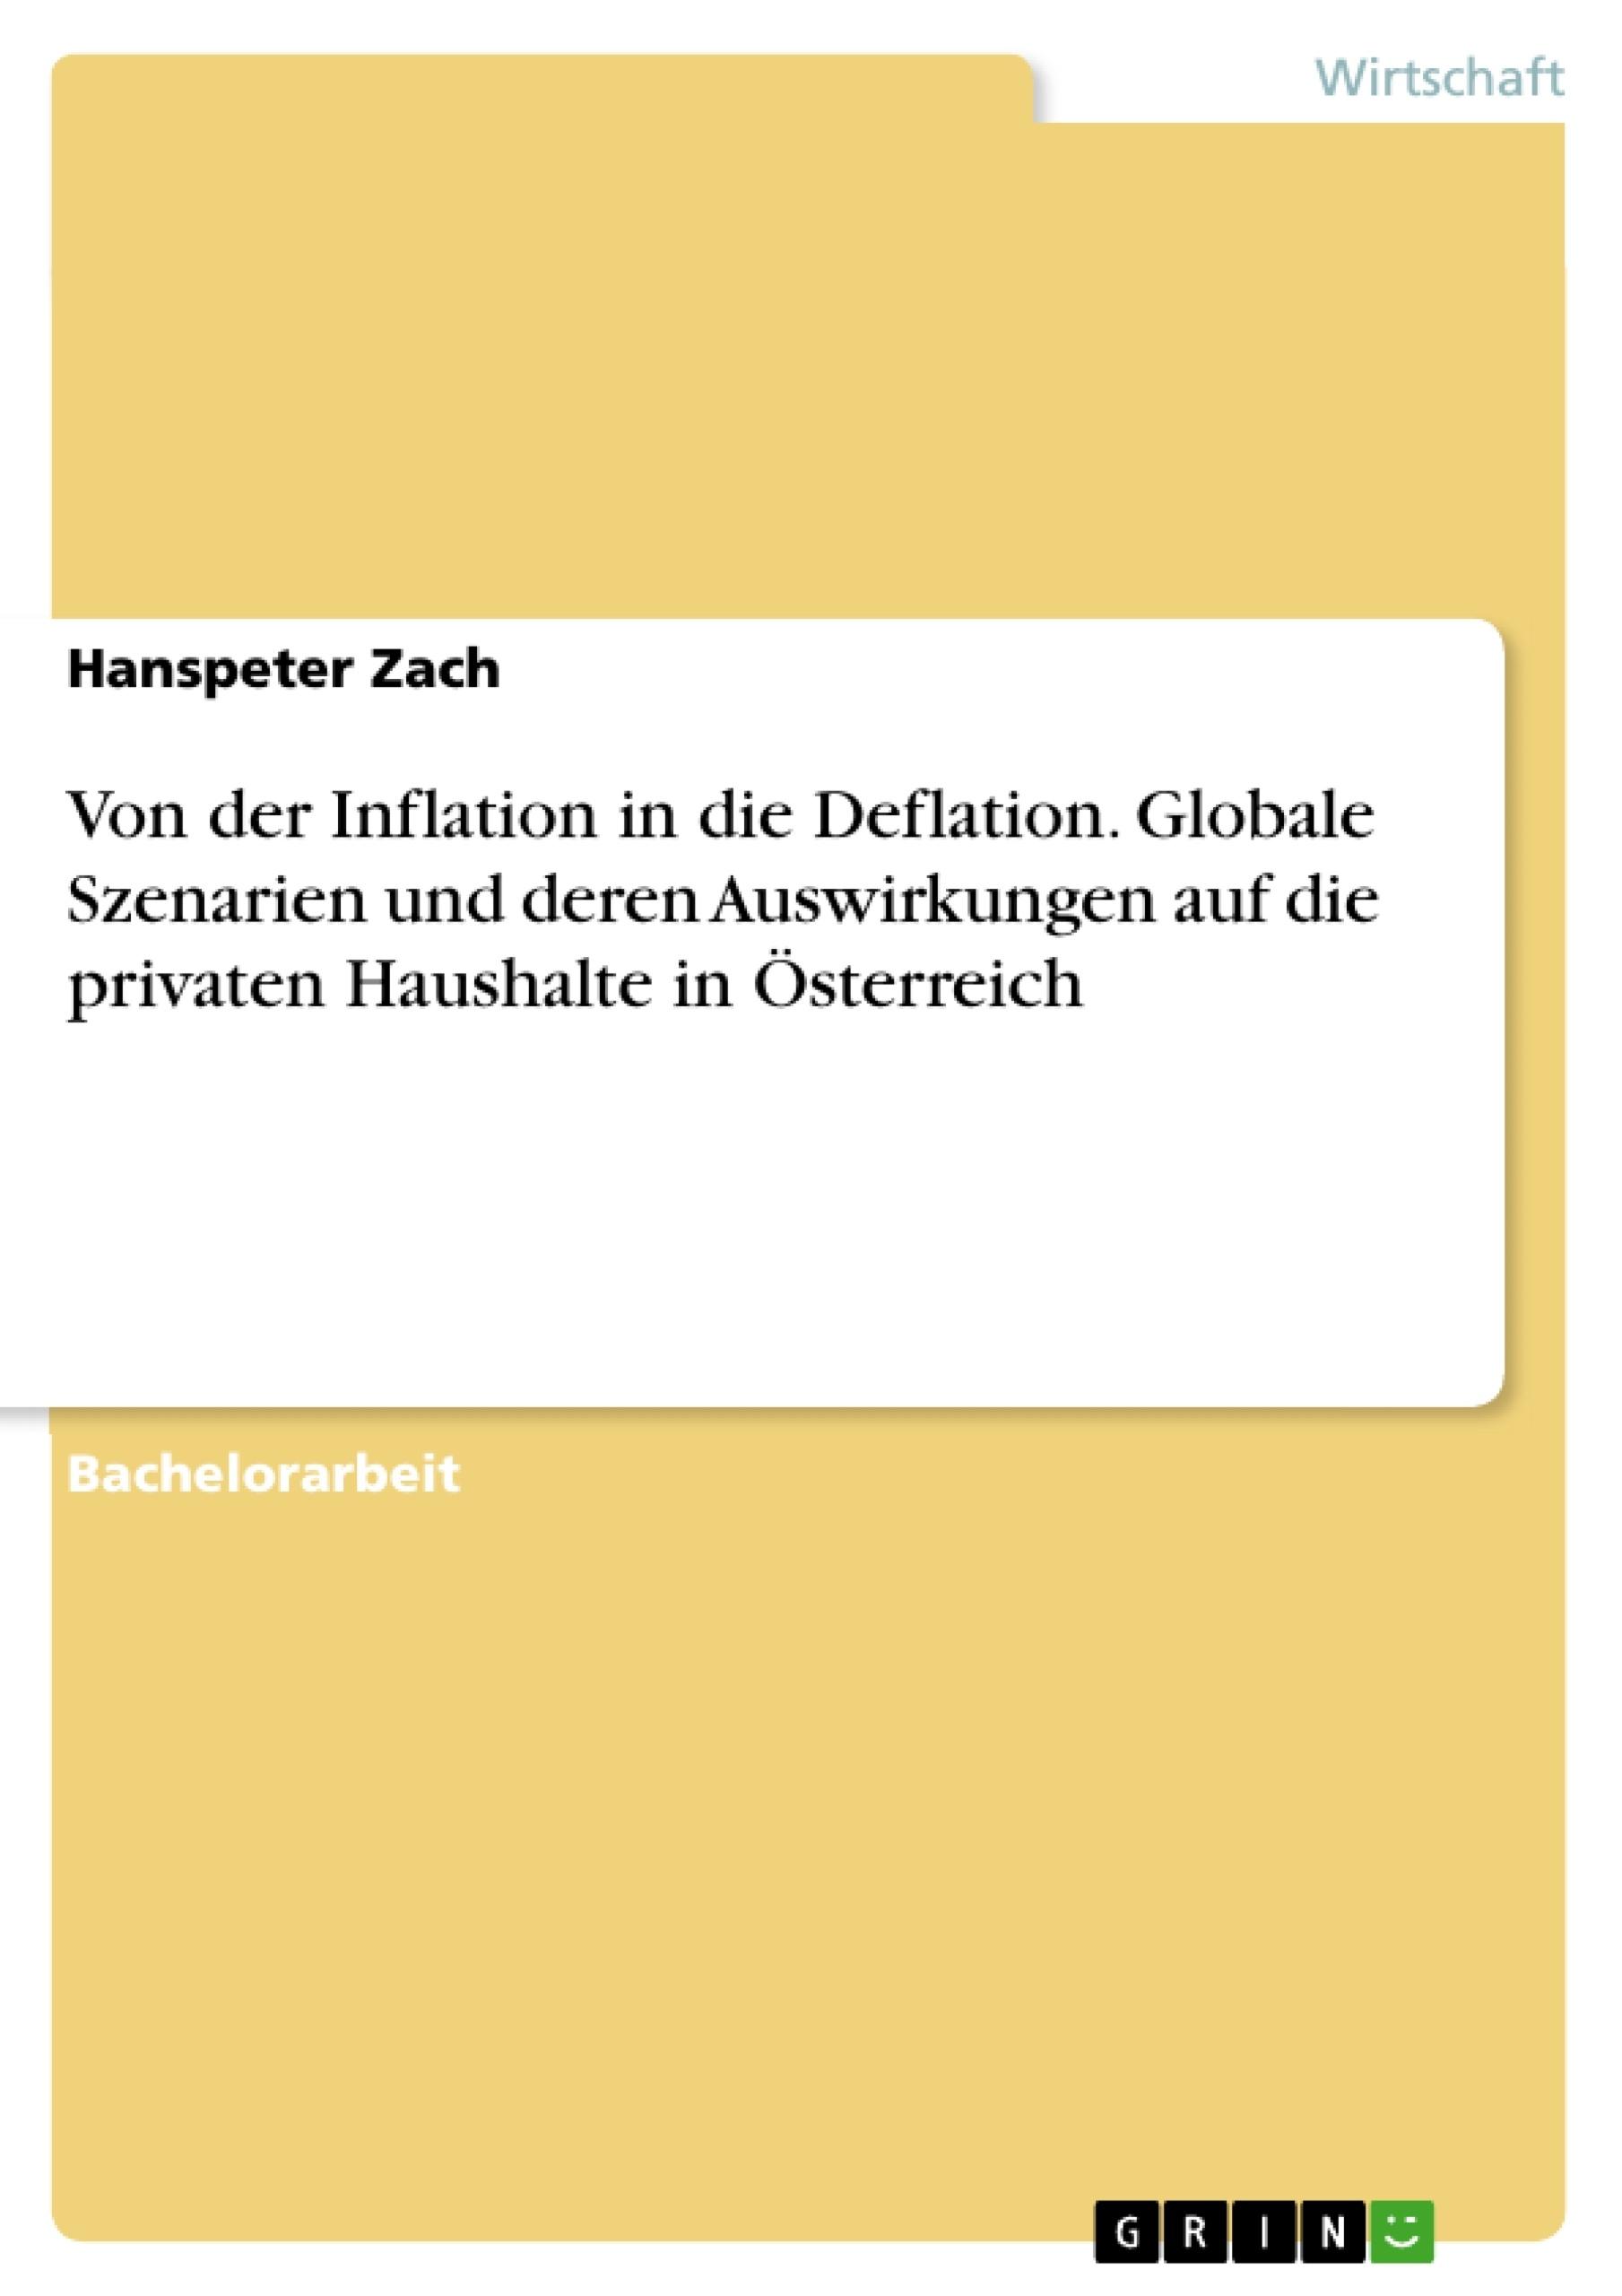 Titel: Von der Inflation in die Deflation. Globale Szenarien und deren Auswirkungen auf die privaten Haushalte in Österreich